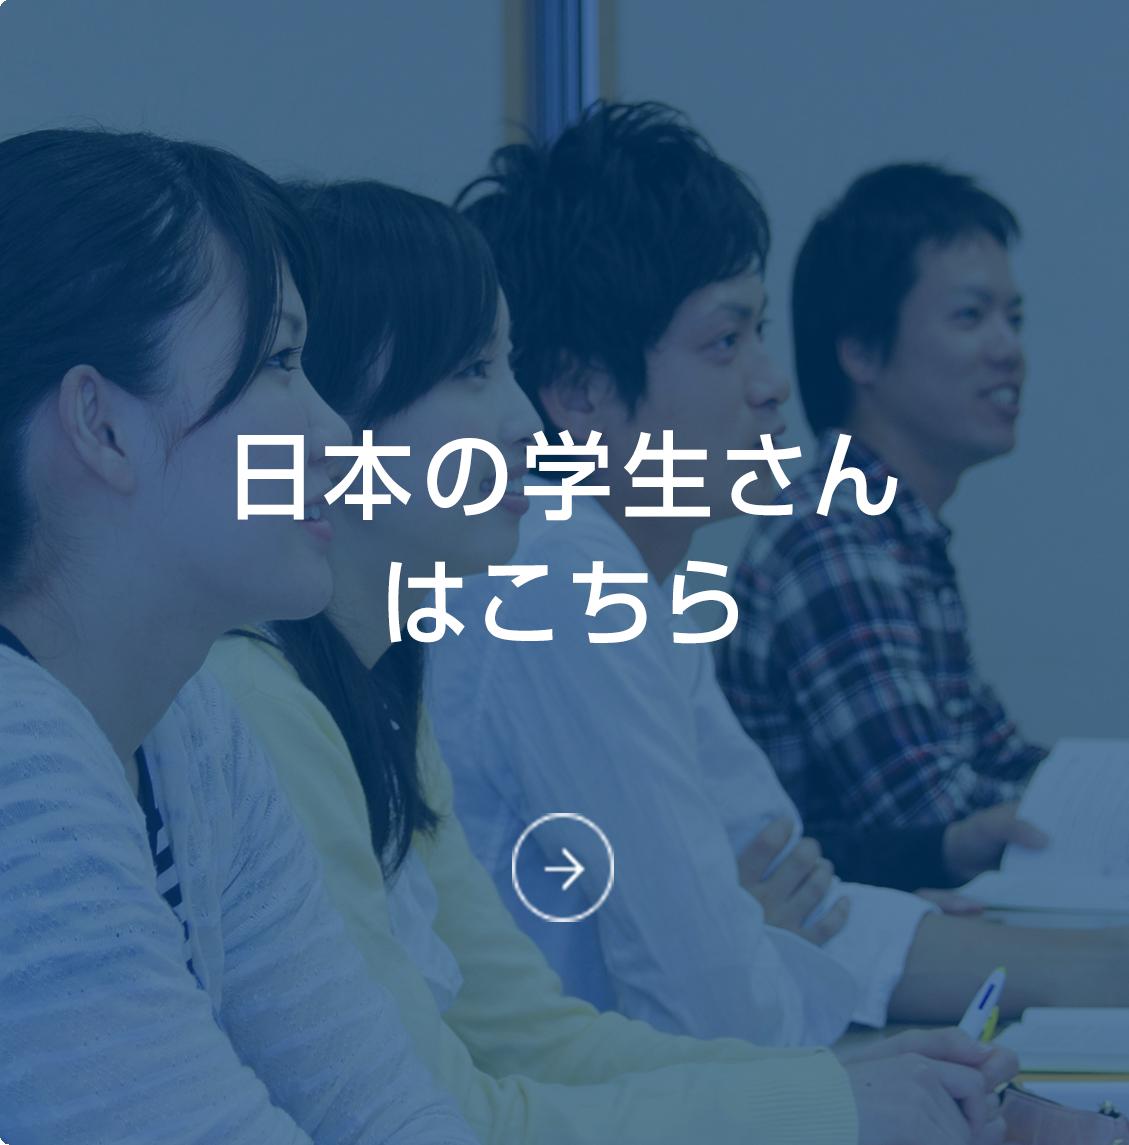 日本の学生さんはこちら